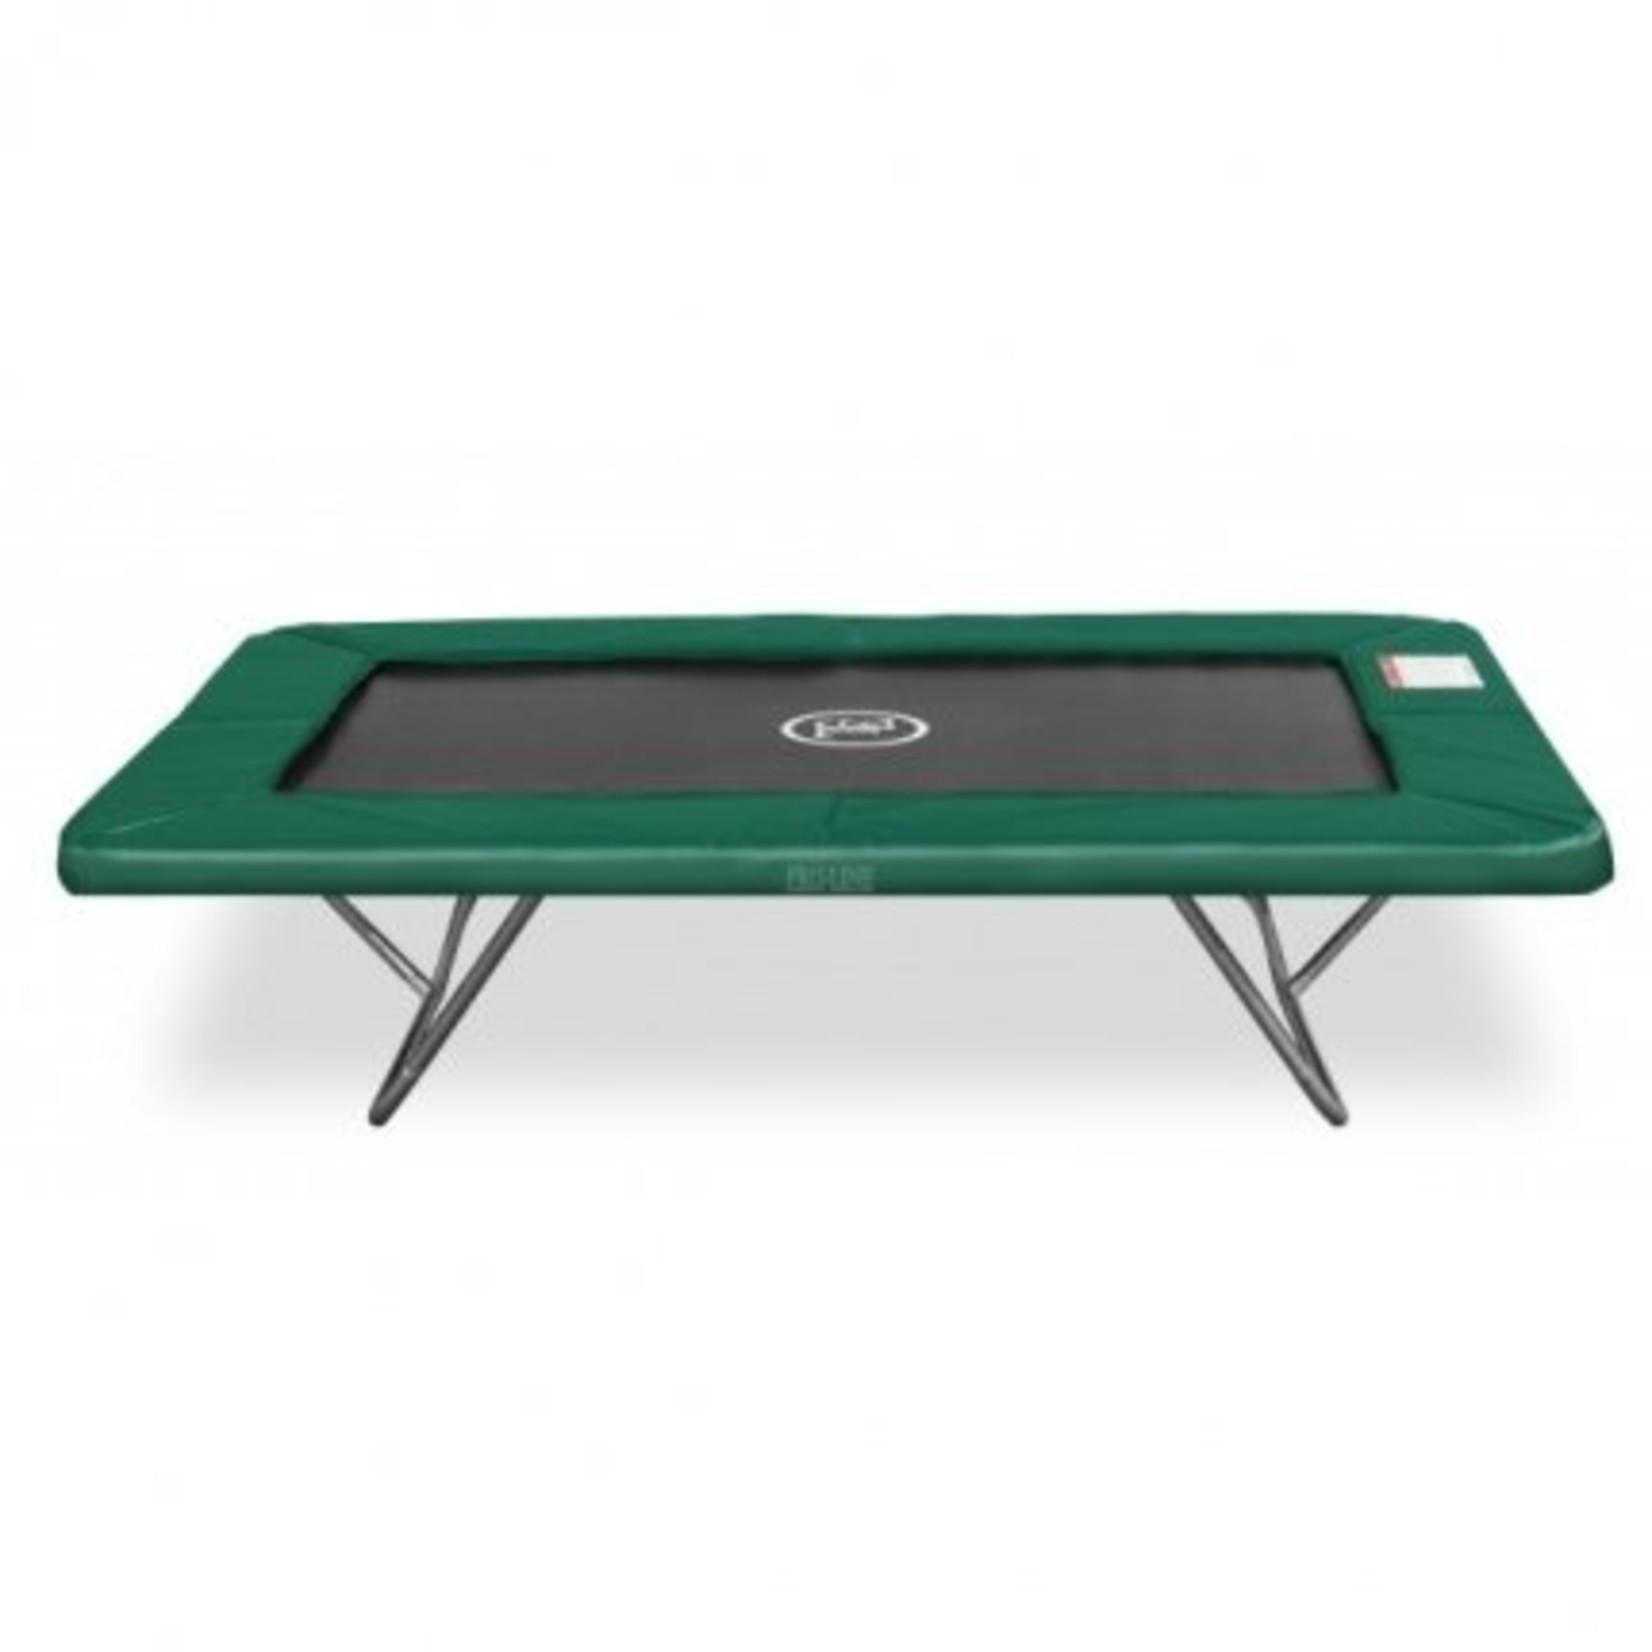 Avyna Top kwaliteit trampoline, die zeer veilig is en onderhoudsvriendelijk.Formaat:340x240x86cm.